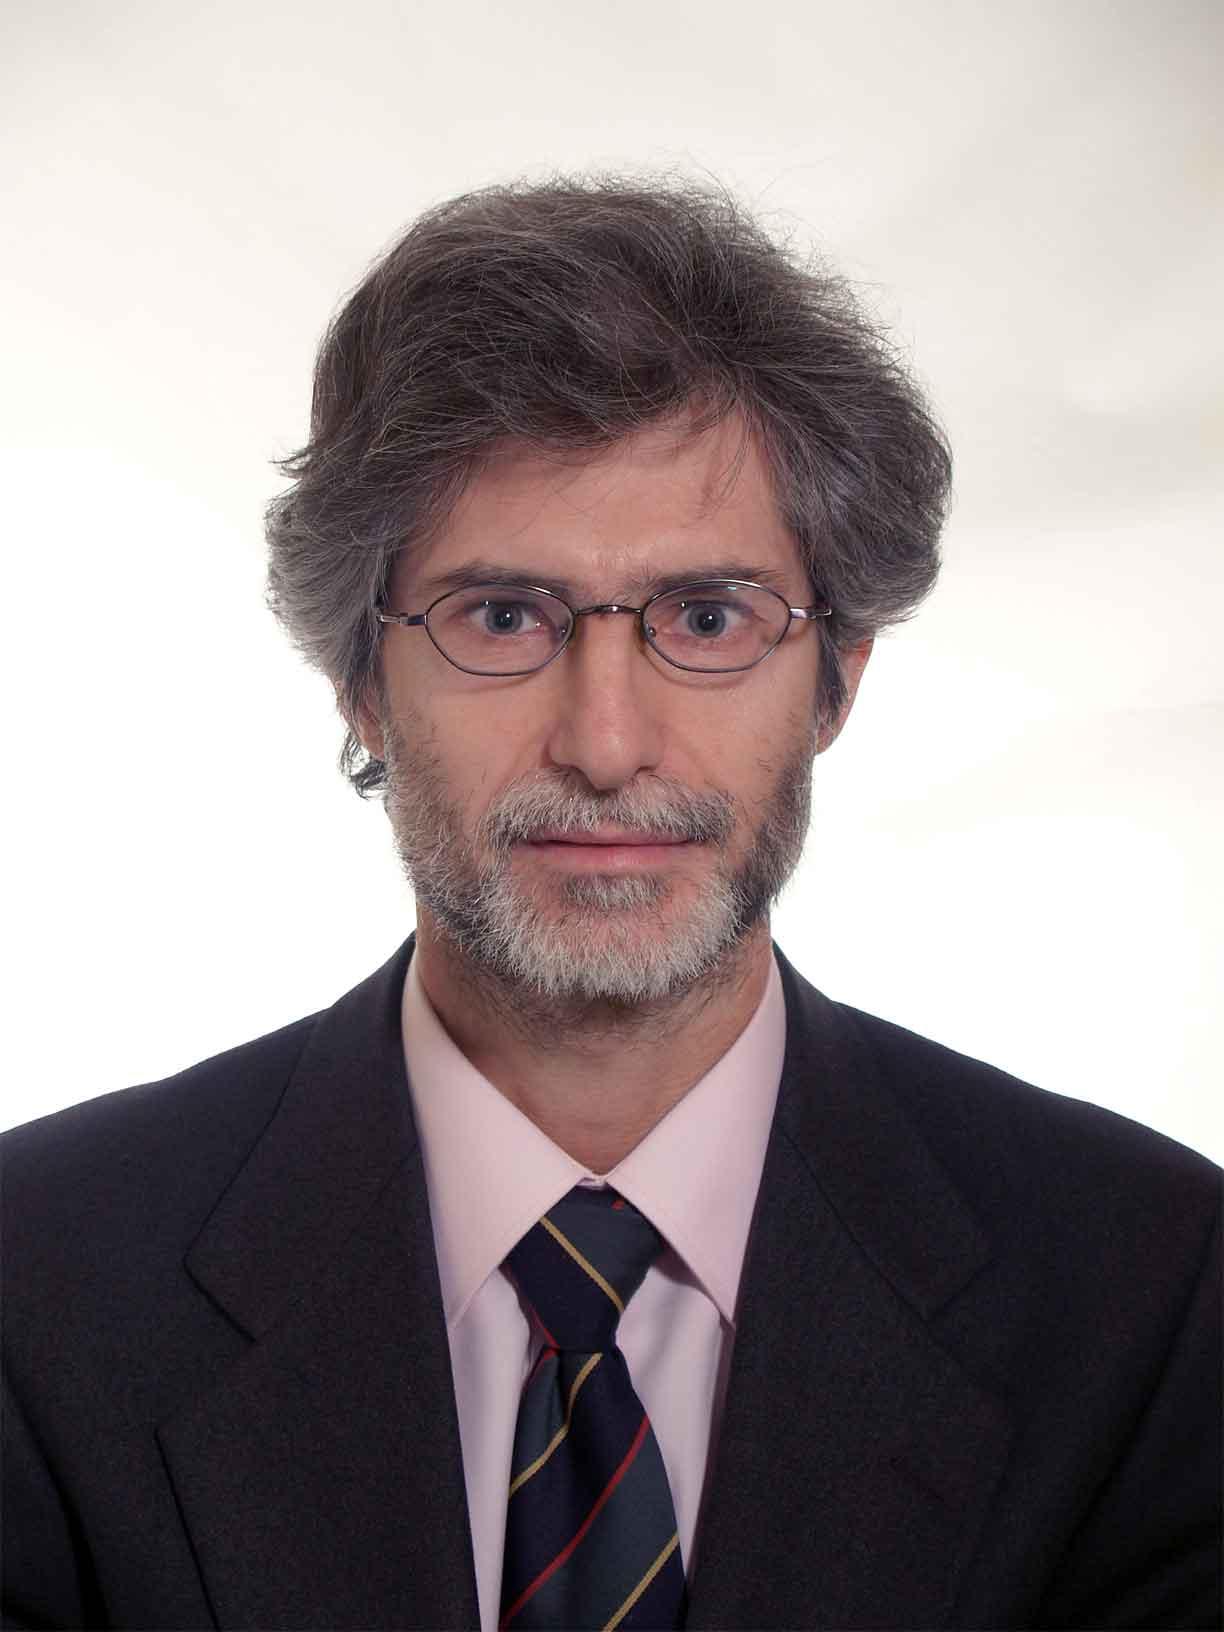 JOSÉ LUIS ZARDOYA MOLINOS